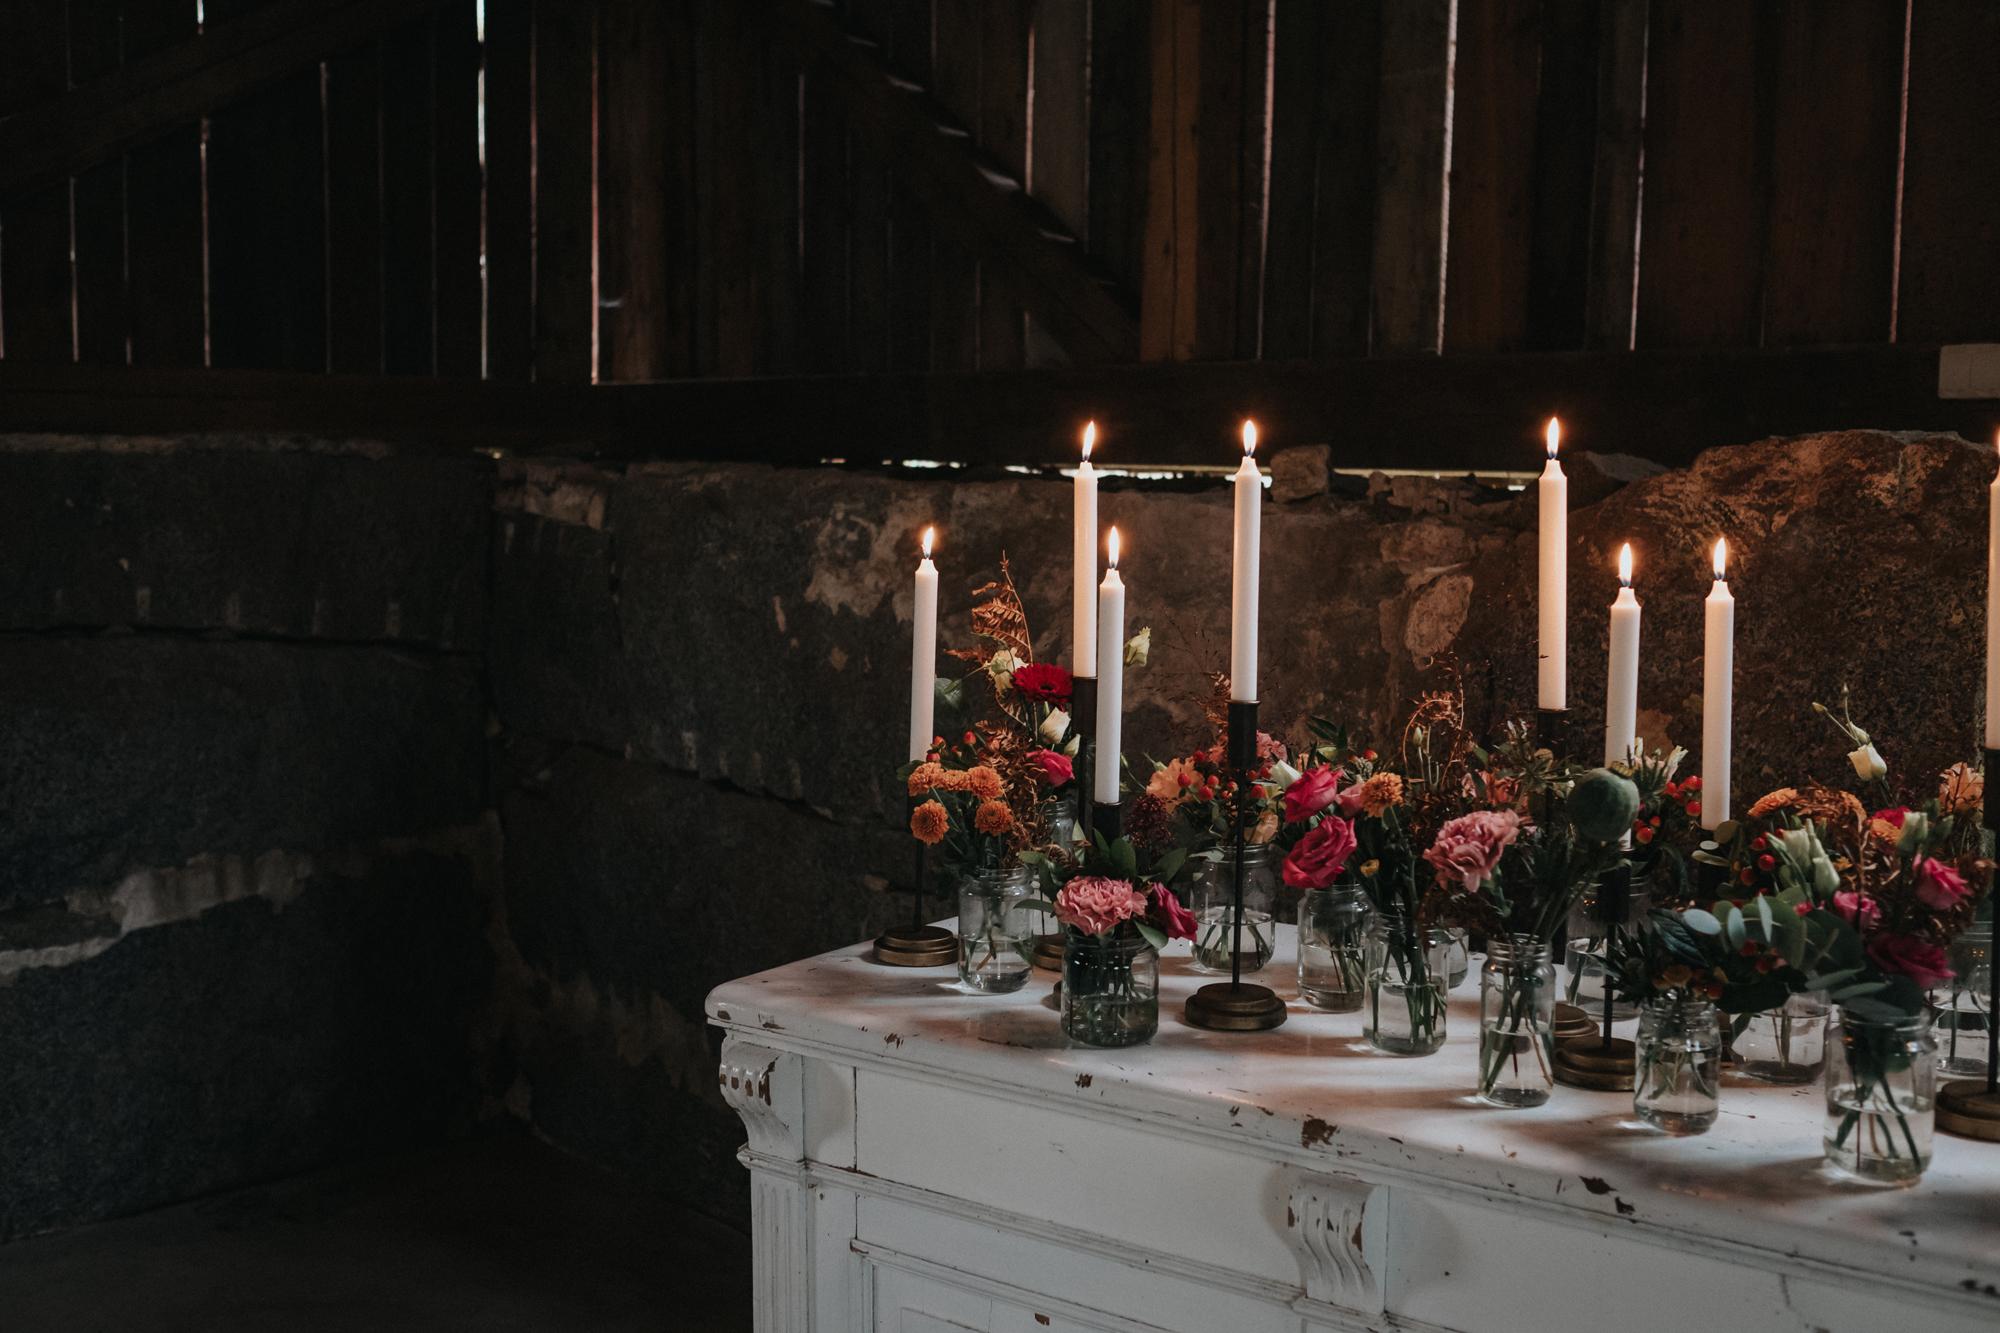 033-bröllop-blomsterrummet-neas-fotografi.jpg